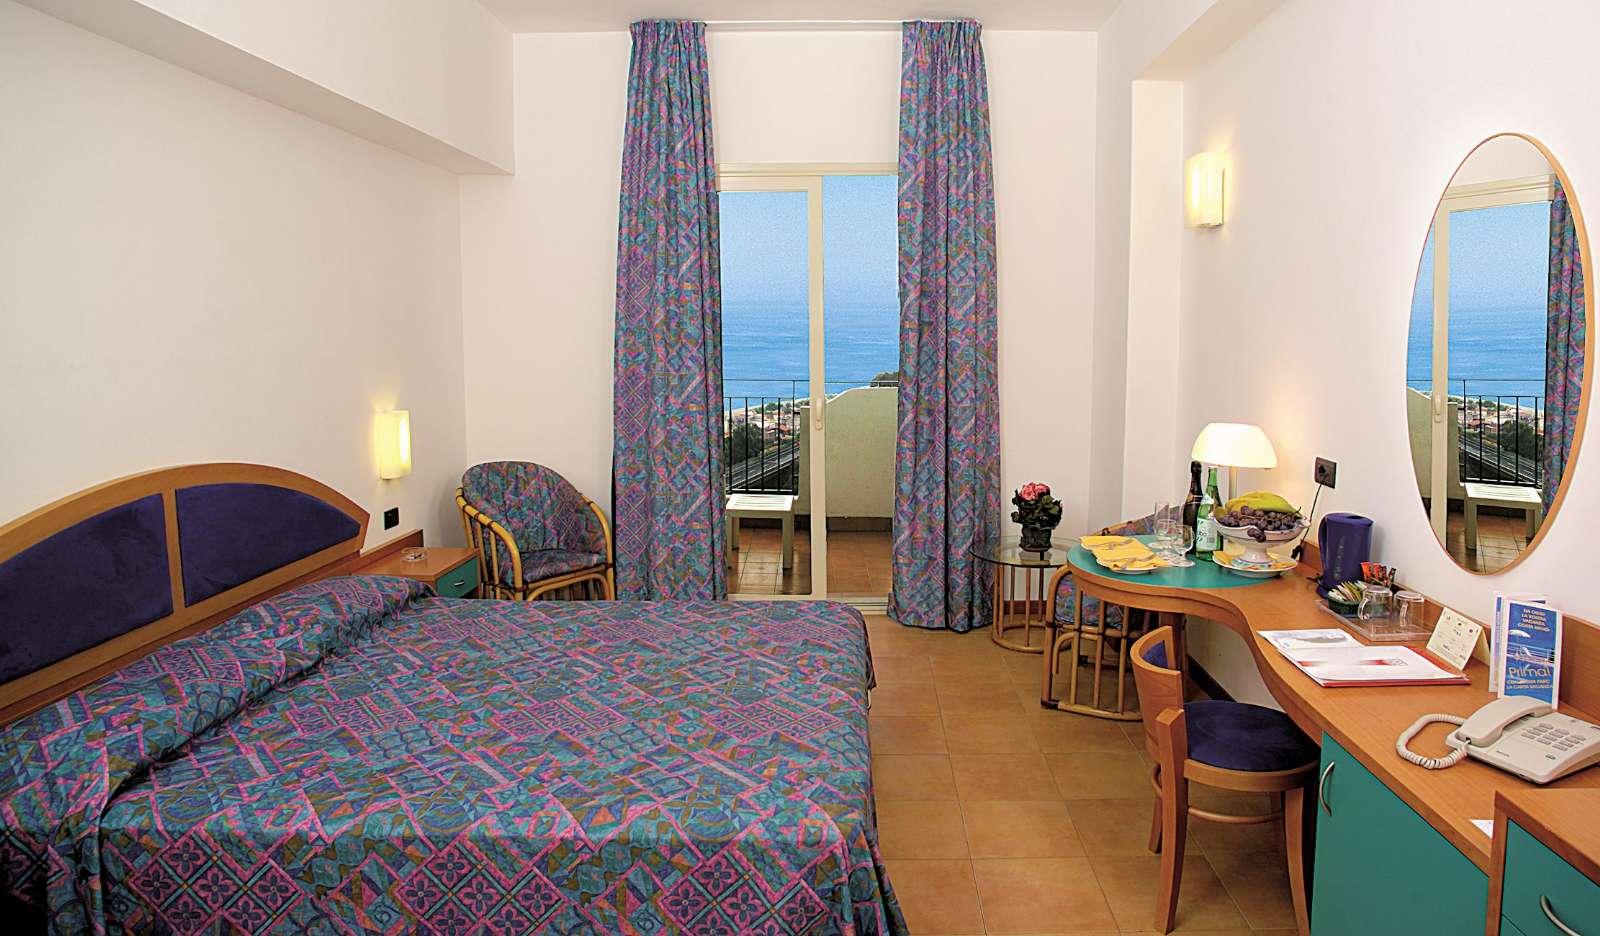 Beispiel der Zimmer im Hotel Antares